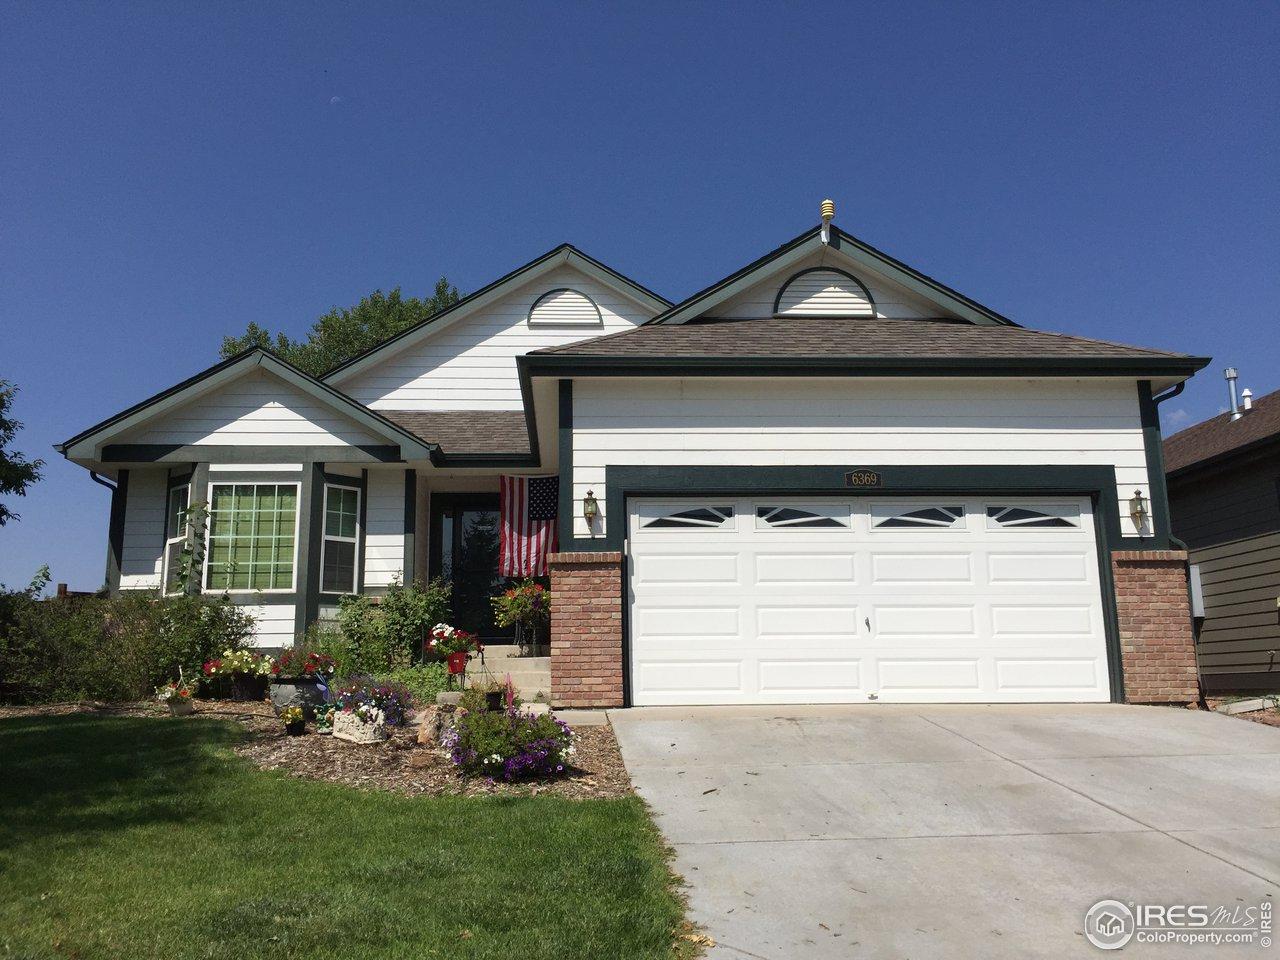 6369 Carmichael St, Fort Collins CO 80528